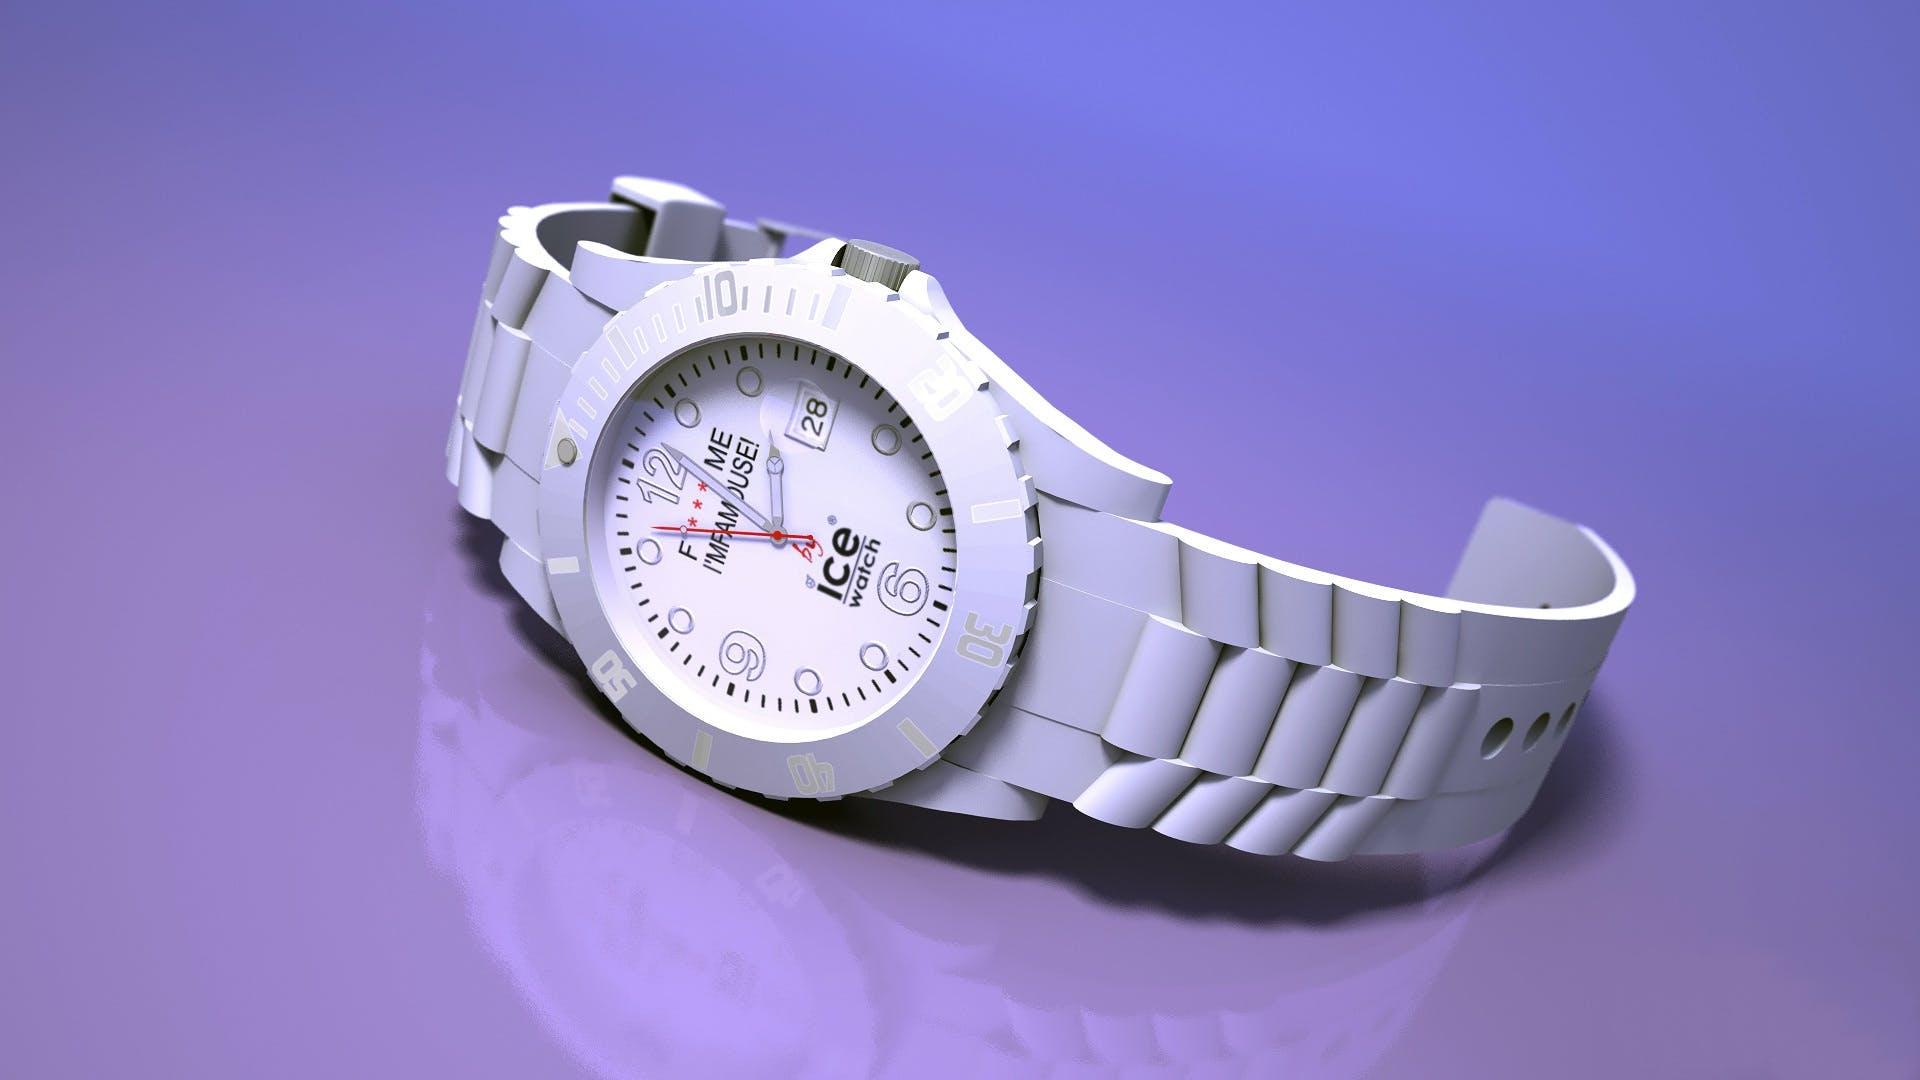 rellotge de gel, rellotge de polsera, temps